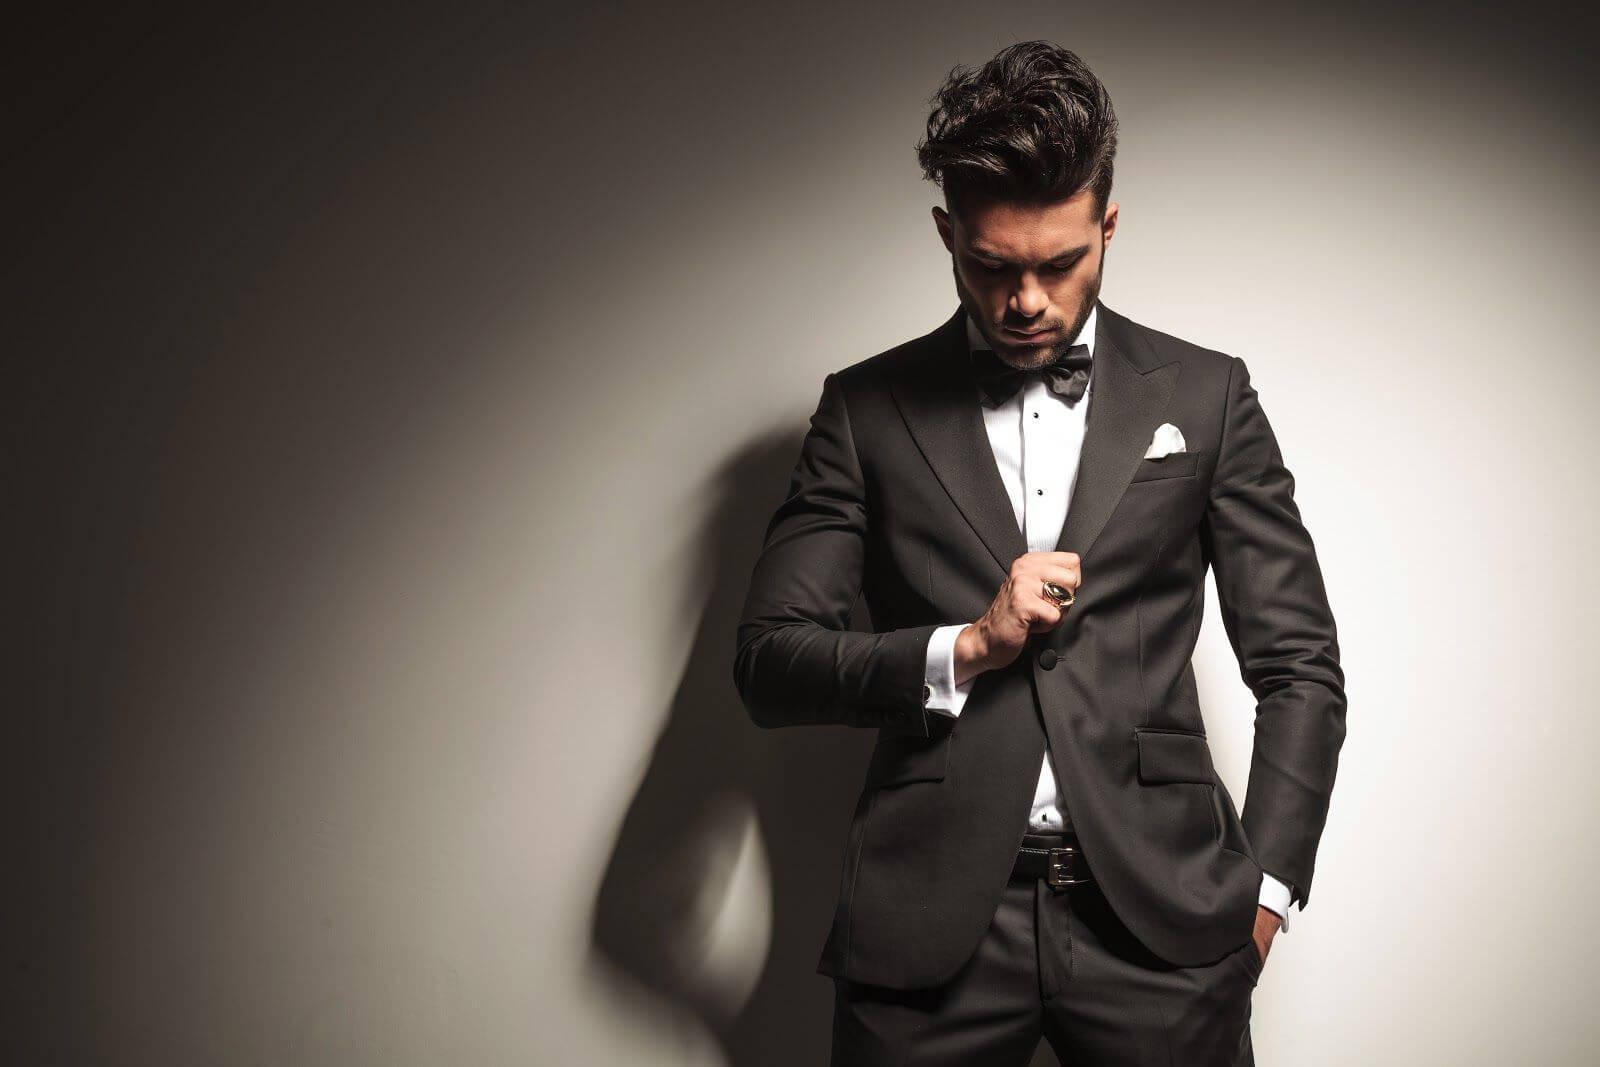 The Tuxedo: A Short History